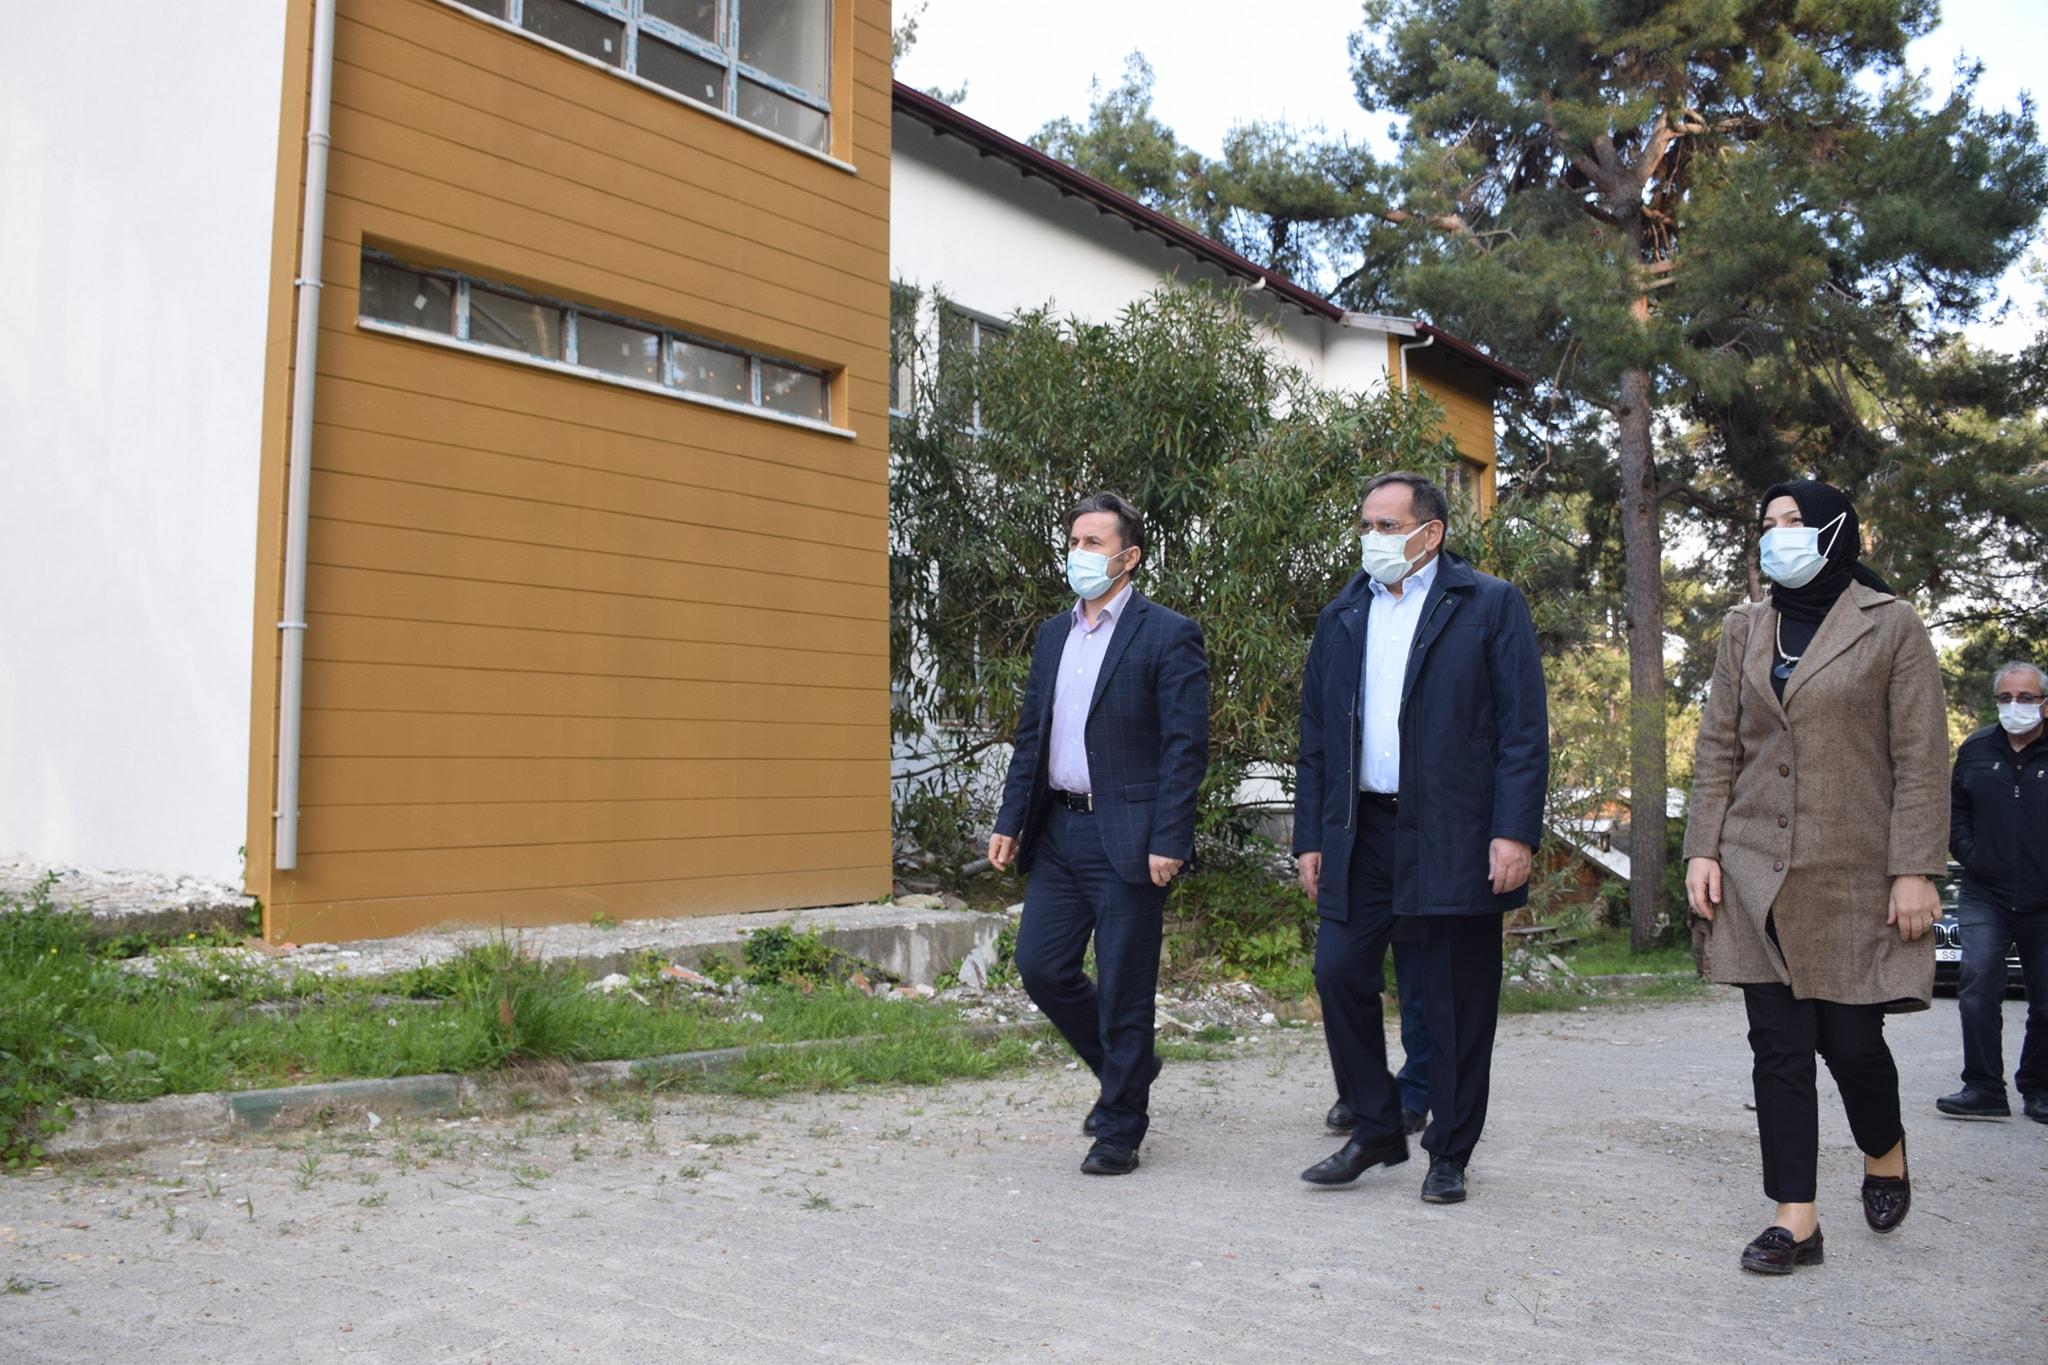 Samsun Büyükşehir Belediye Başkanımız Mustafa Demir, Belediye Başkanımız Hüseyin Kıyma, Çamgölünde İncelemelerde Bulundular.